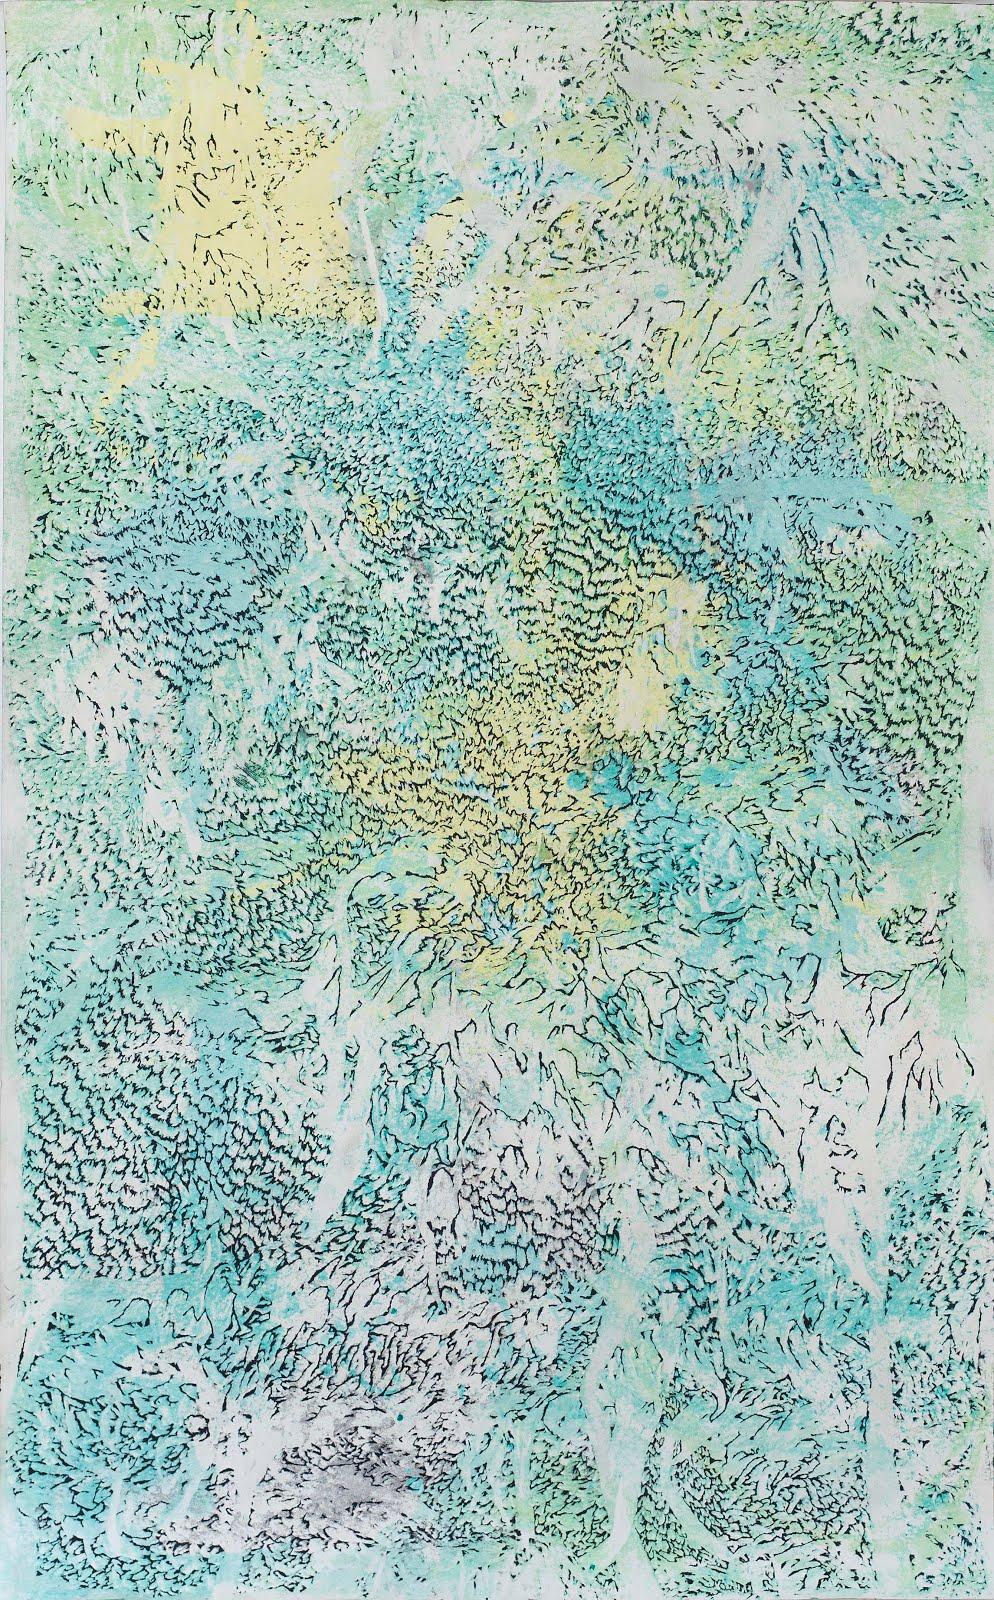 Přikrytá mlhou, 250 x 150, práce na papíře, 2016